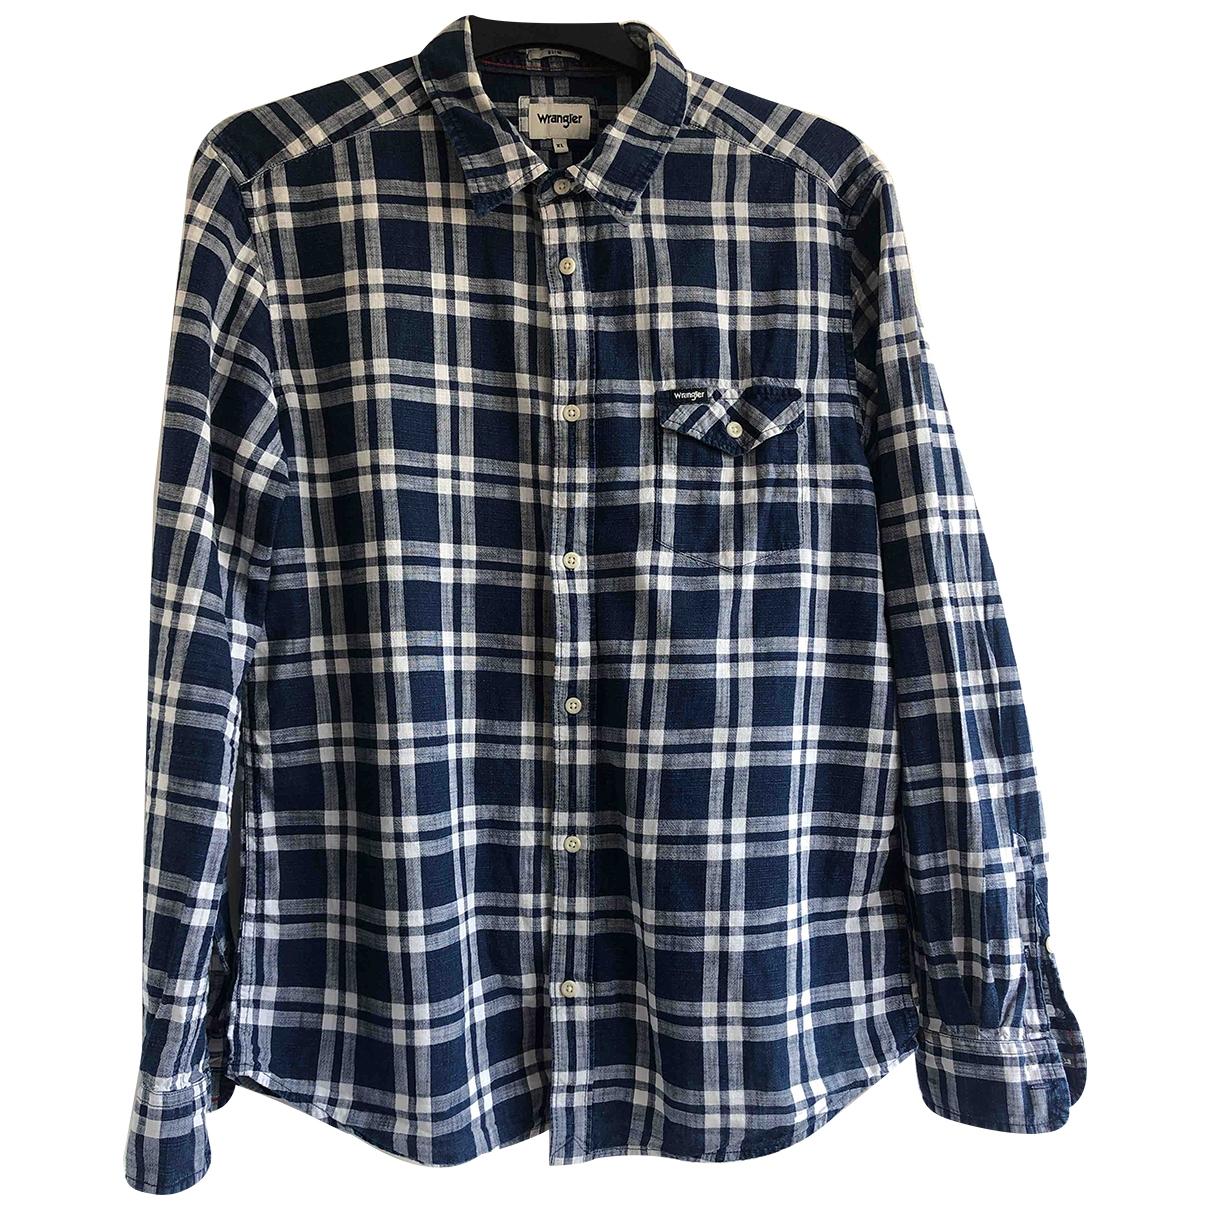 Wrangler - Chemises   pour homme en coton - bleu